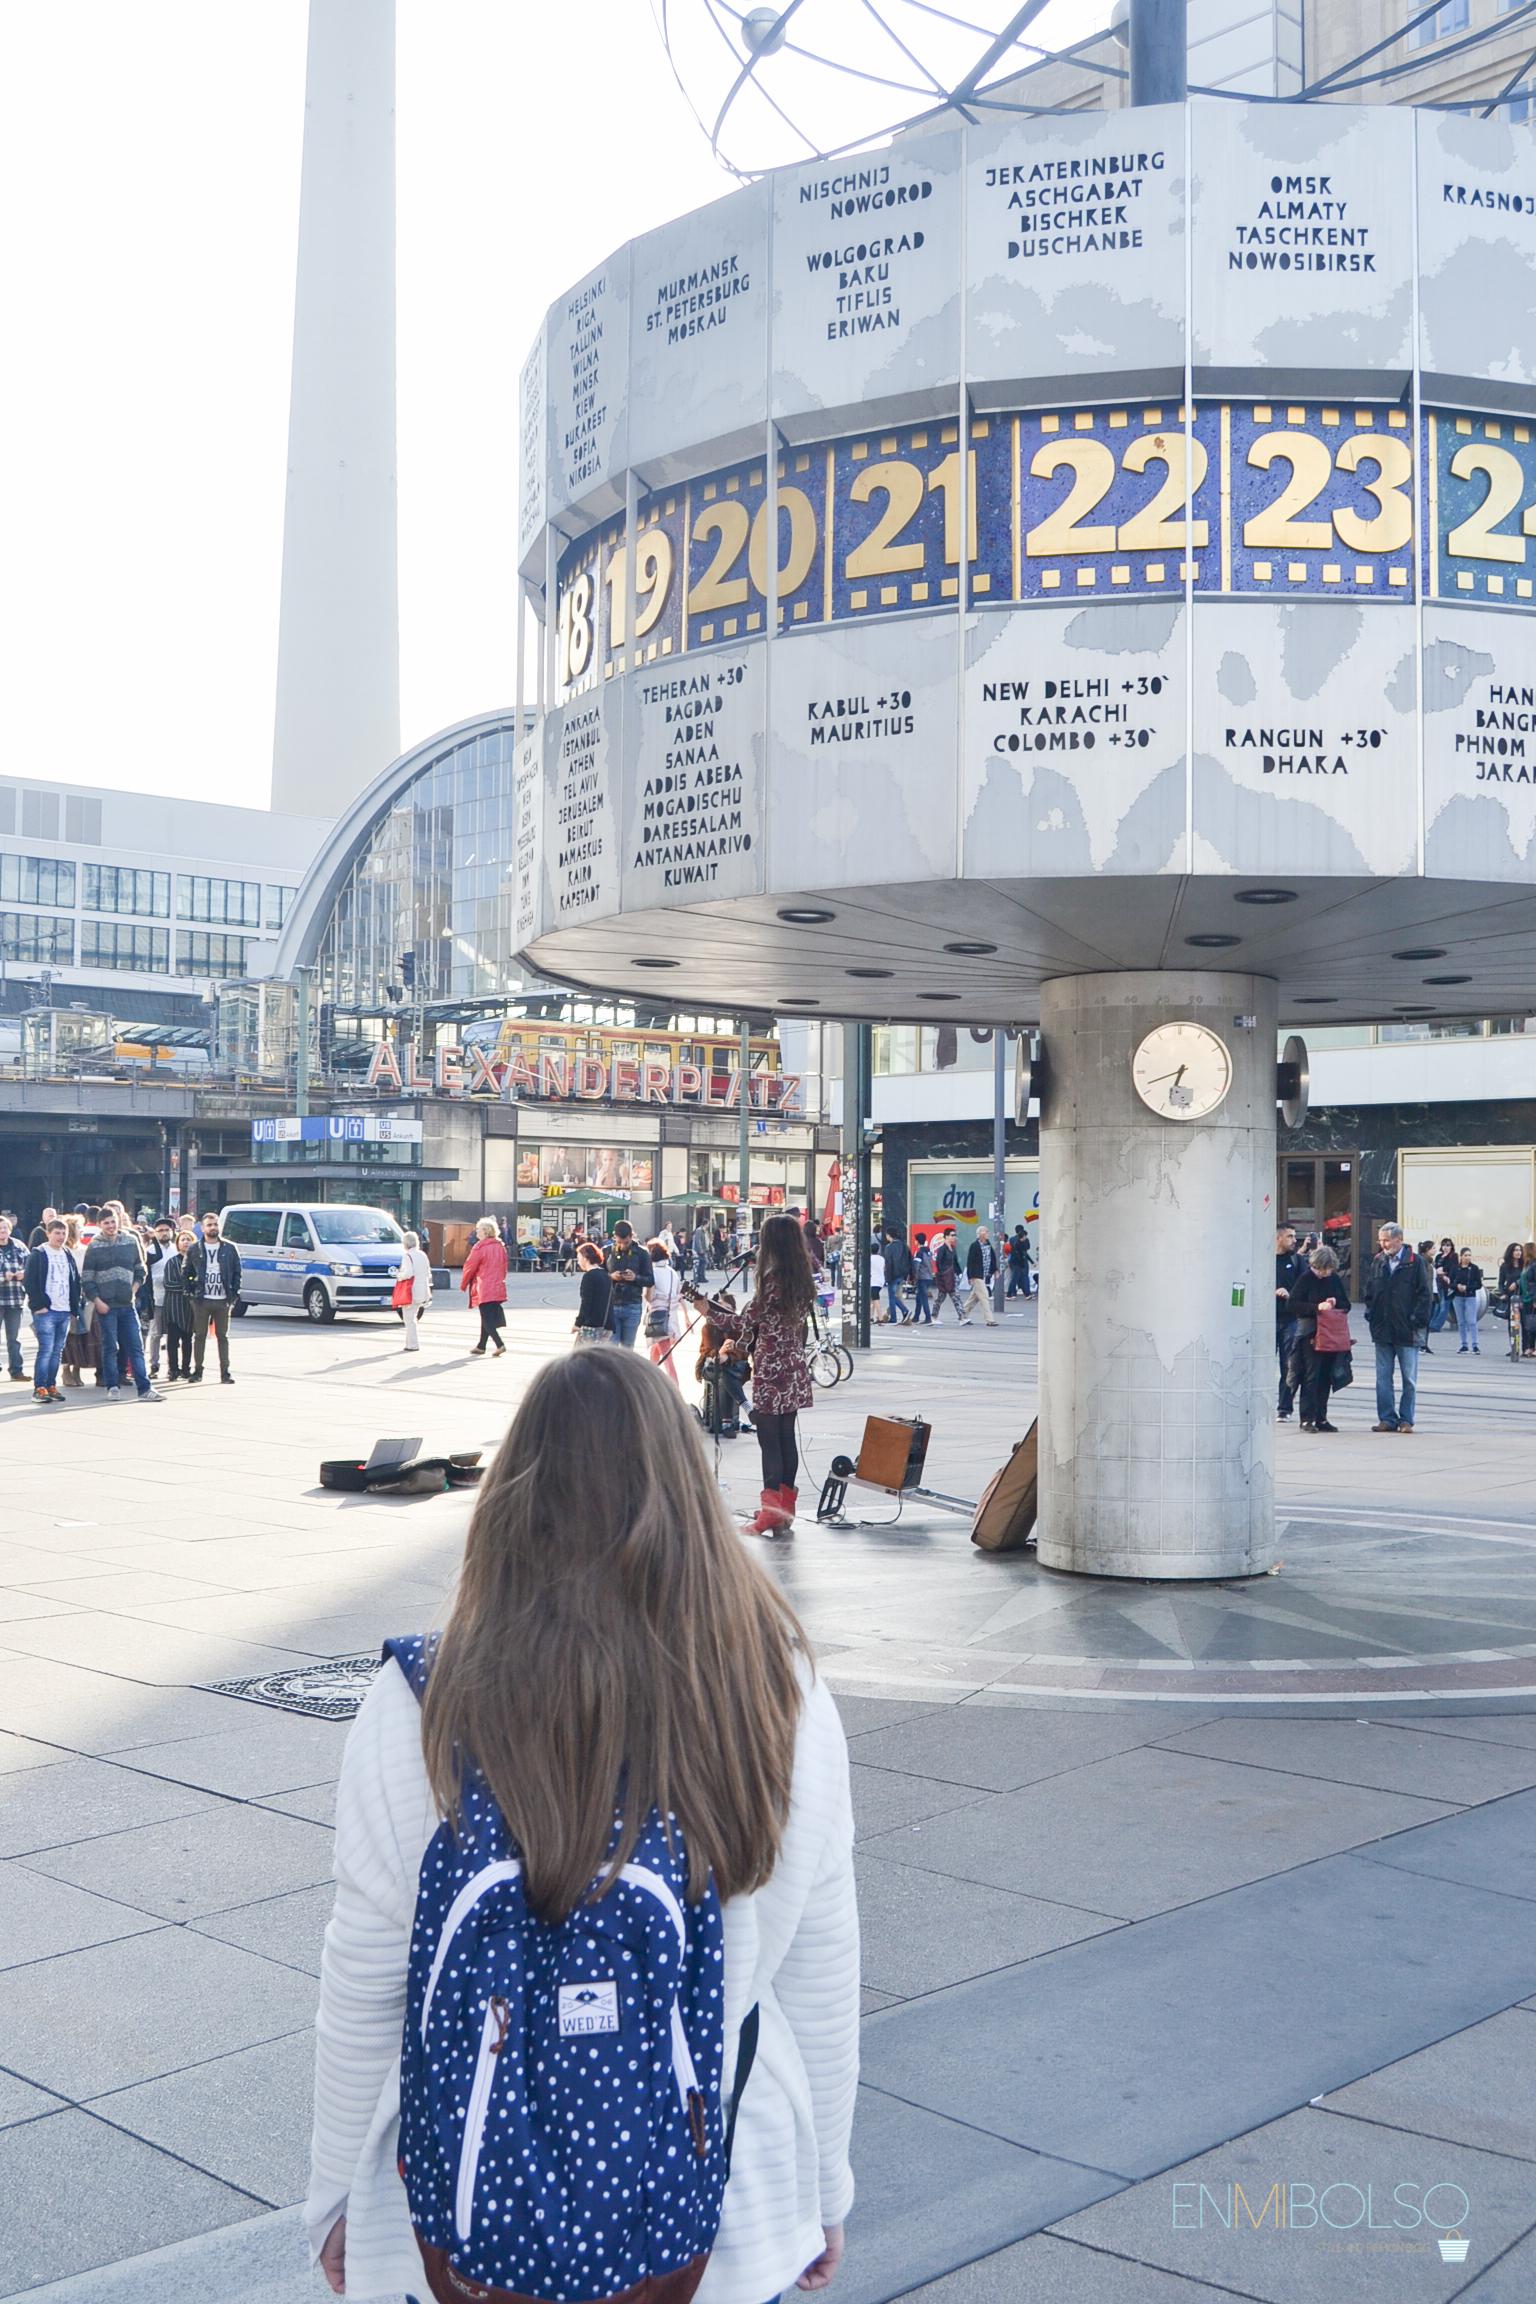 Alexander Platz-enmibolso1